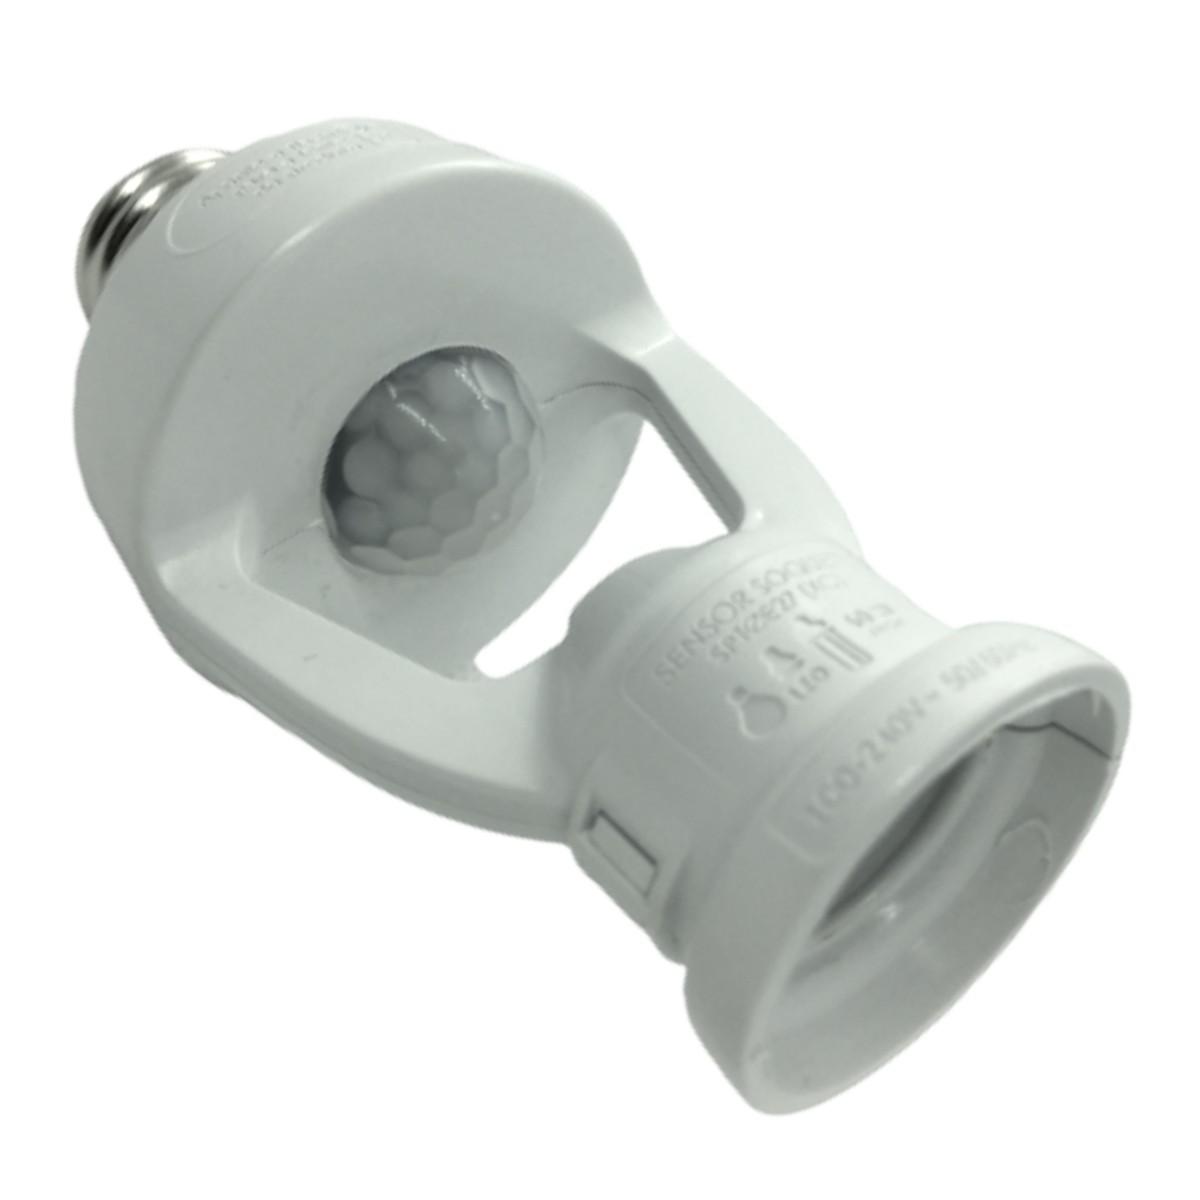 Foto3 - Sensor de Presença Soquete E27 XControl Ajuste de Tempo pelo App Kit 2un